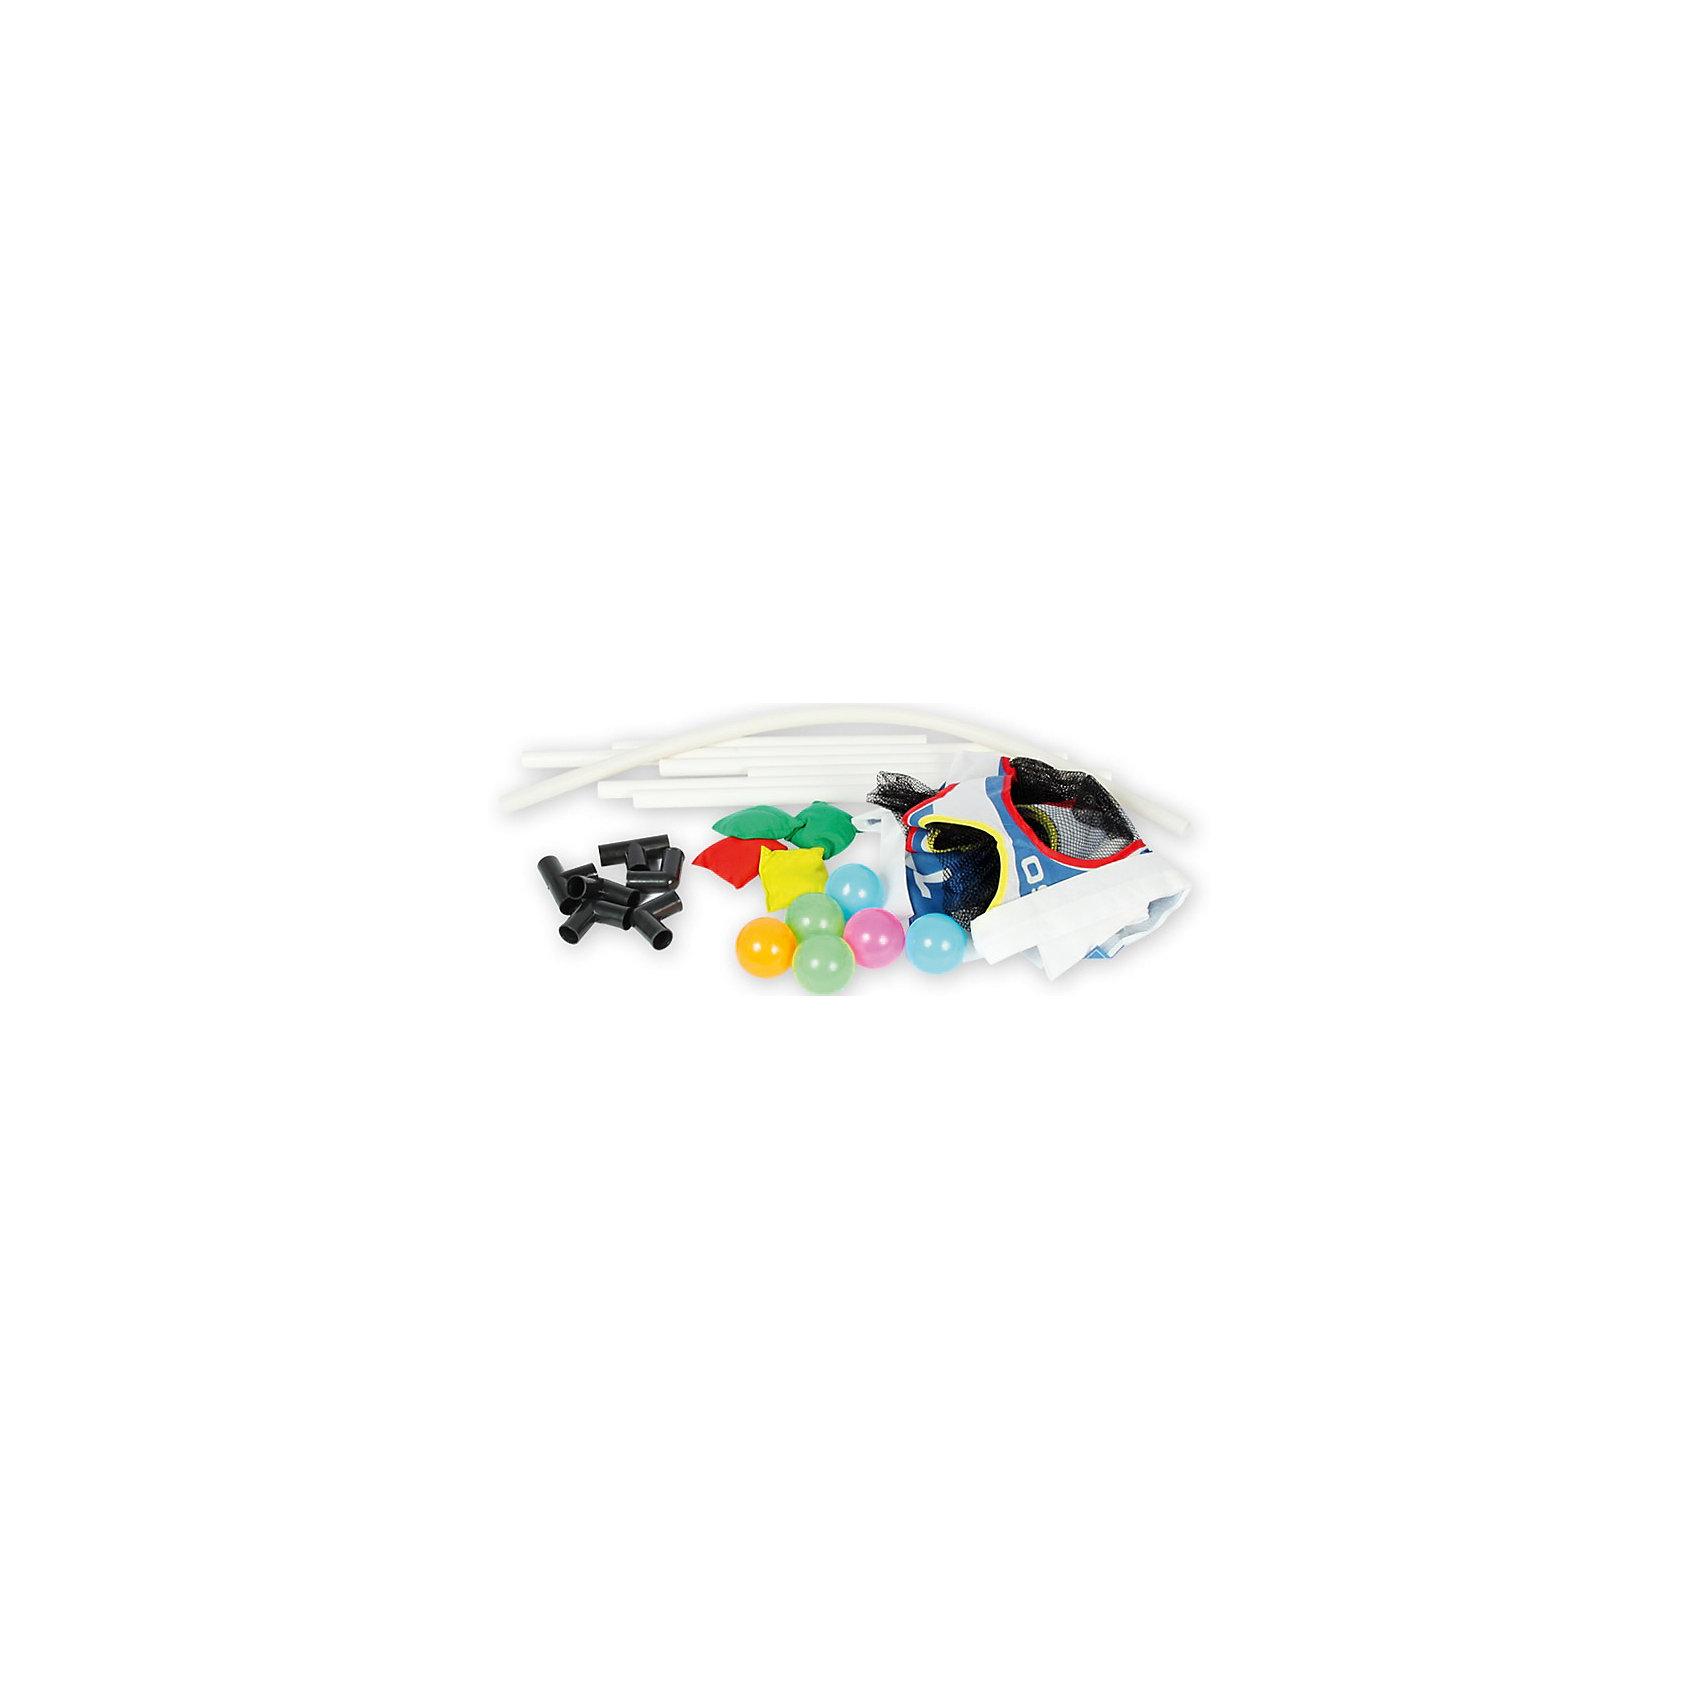 Детская игра Точный бросок, YG SportДетская игра Точный бросок, YG Sport - прекрасно подойдет для всей семьи и поможет разнообразить отдых на даче или на природе. В комплект входят шесть мячей яркой расцветки, мишень с ловушками и мешочки. Задача участников игры - попасть мячом в ловушку на мишени. На поверхности мишени нанесены цифры для обозначения количества очков-выигрышей. Все предметы выполнены из прочного и качественного материала, безопасного для детского здоровья. Игра развивает мелкую и крупную моторику, сообразительность и ловкость, внимательность и меткость.<br><br>Дополнительная информация:<br><br>- В комплекте: мишень с ловушками, мячи - 6 шт., мешочки - 3 шт.<br>- Материал: пластик. <br>- Размер одной ракетки: 38 см.<br>- Размер упаковки: 61 х 6 х 35 см.<br>- Вес: 0,48 кг.<br> <br>Детскую игру Точный бросок, YG Sport, можно купить в нашем интернет-магазине.<br><br>Ширина мм: 610<br>Глубина мм: 60<br>Высота мм: 350<br>Вес г: 784<br>Возраст от месяцев: 36<br>Возраст до месяцев: 72<br>Пол: Унисекс<br>Возраст: Детский<br>SKU: 4622231